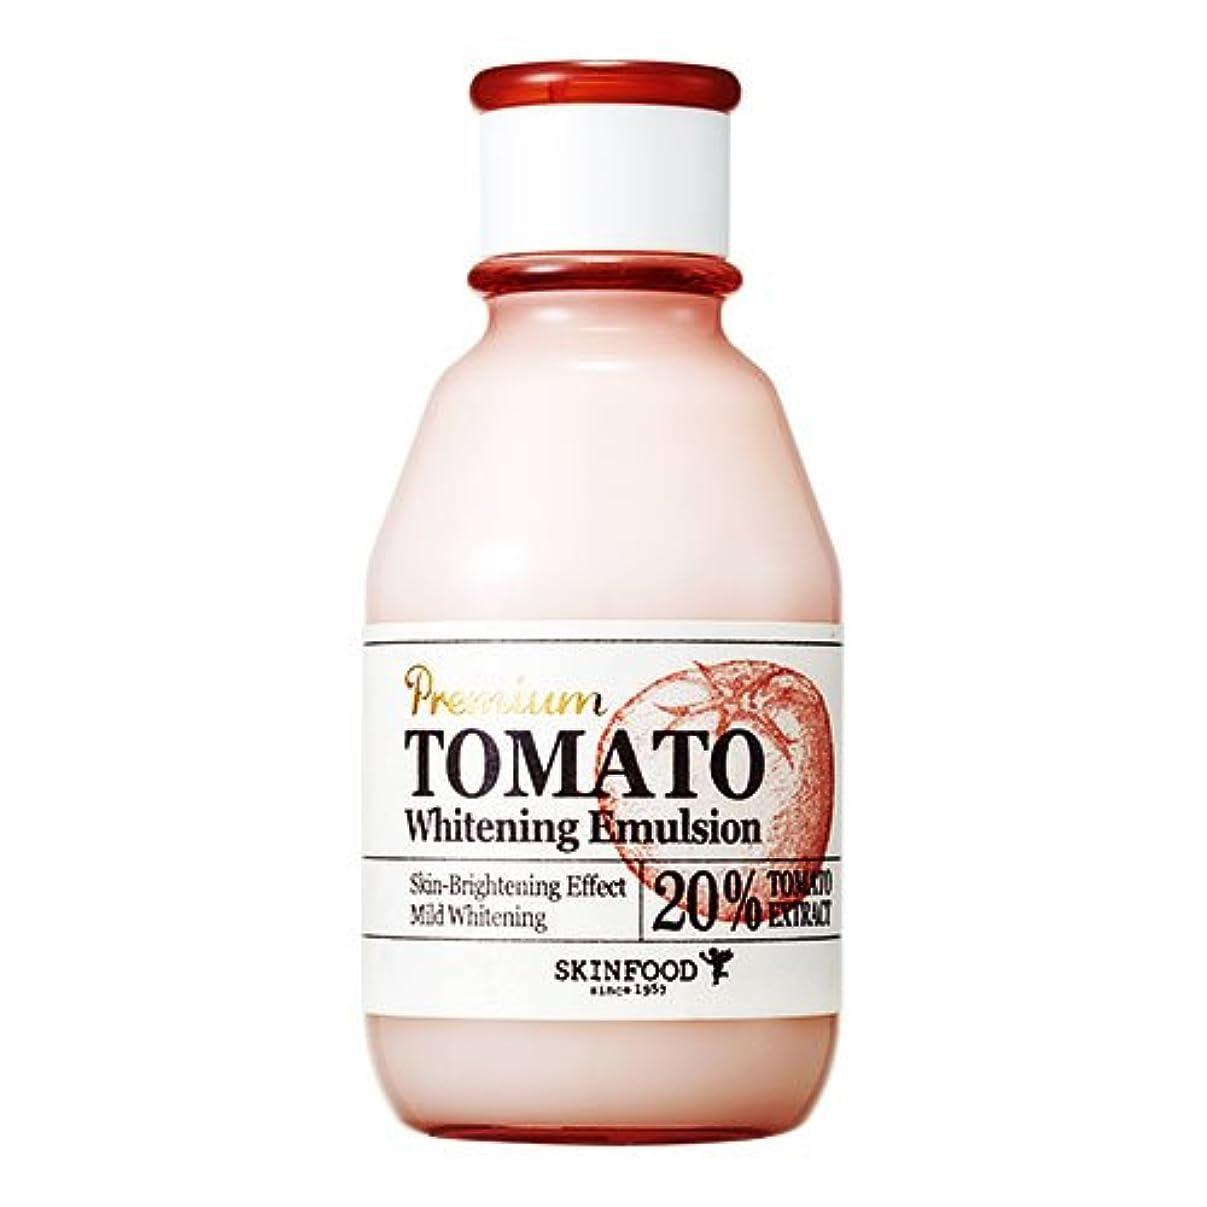 佐賀ピアハチ[スキンフード] SKINFOOD プレミアムトマトホワイトニングエマルジョン Premium Tomato Whitening Emulsion (海外直送品) [並行輸入品]